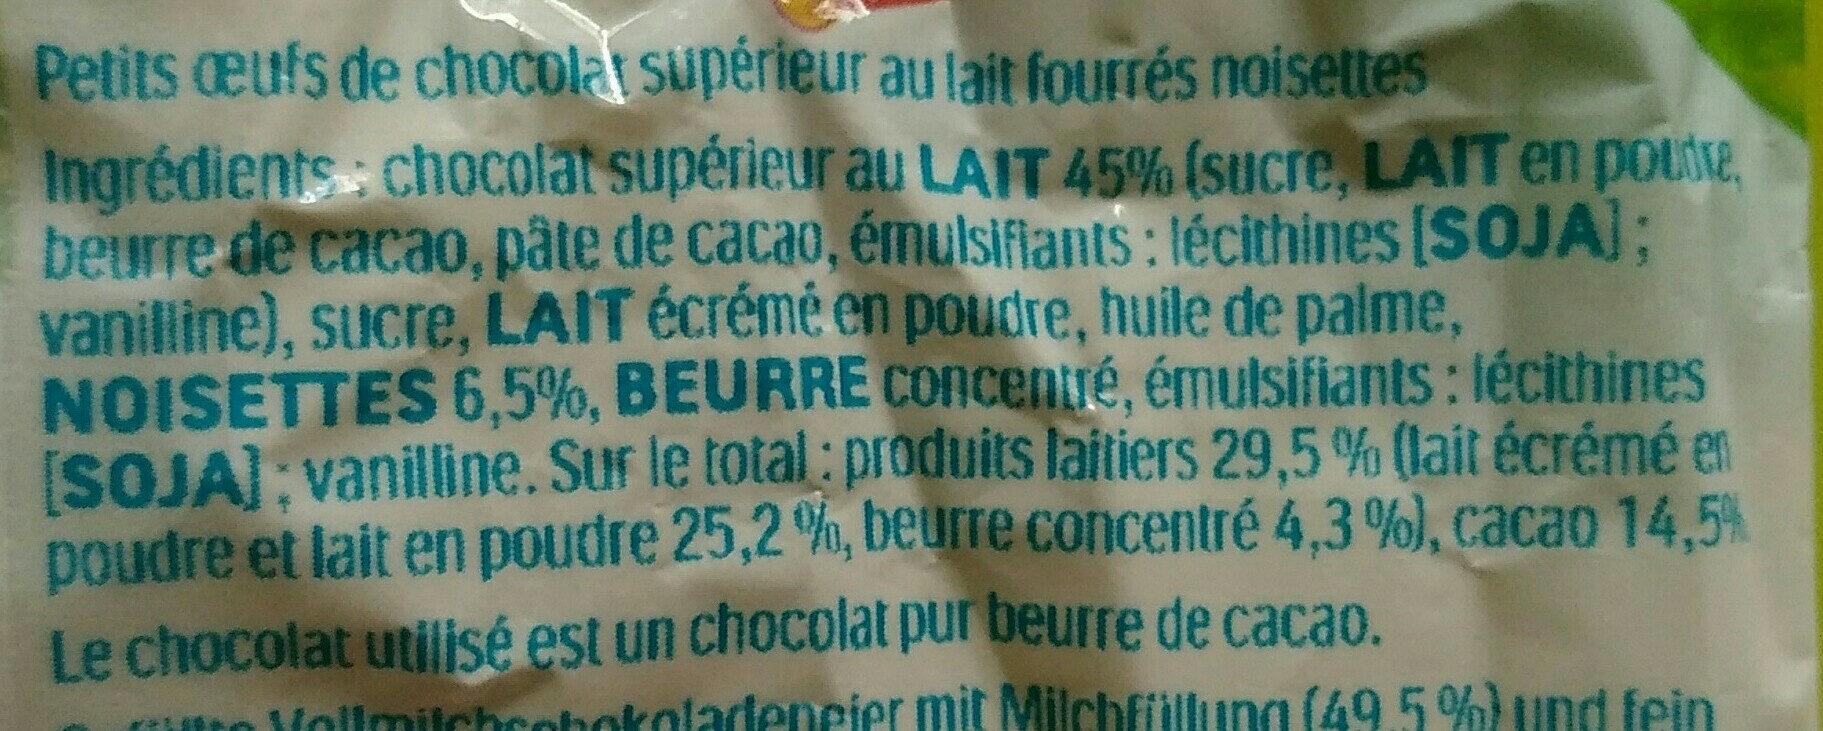 Mini Eggs - Ingrédients - fr